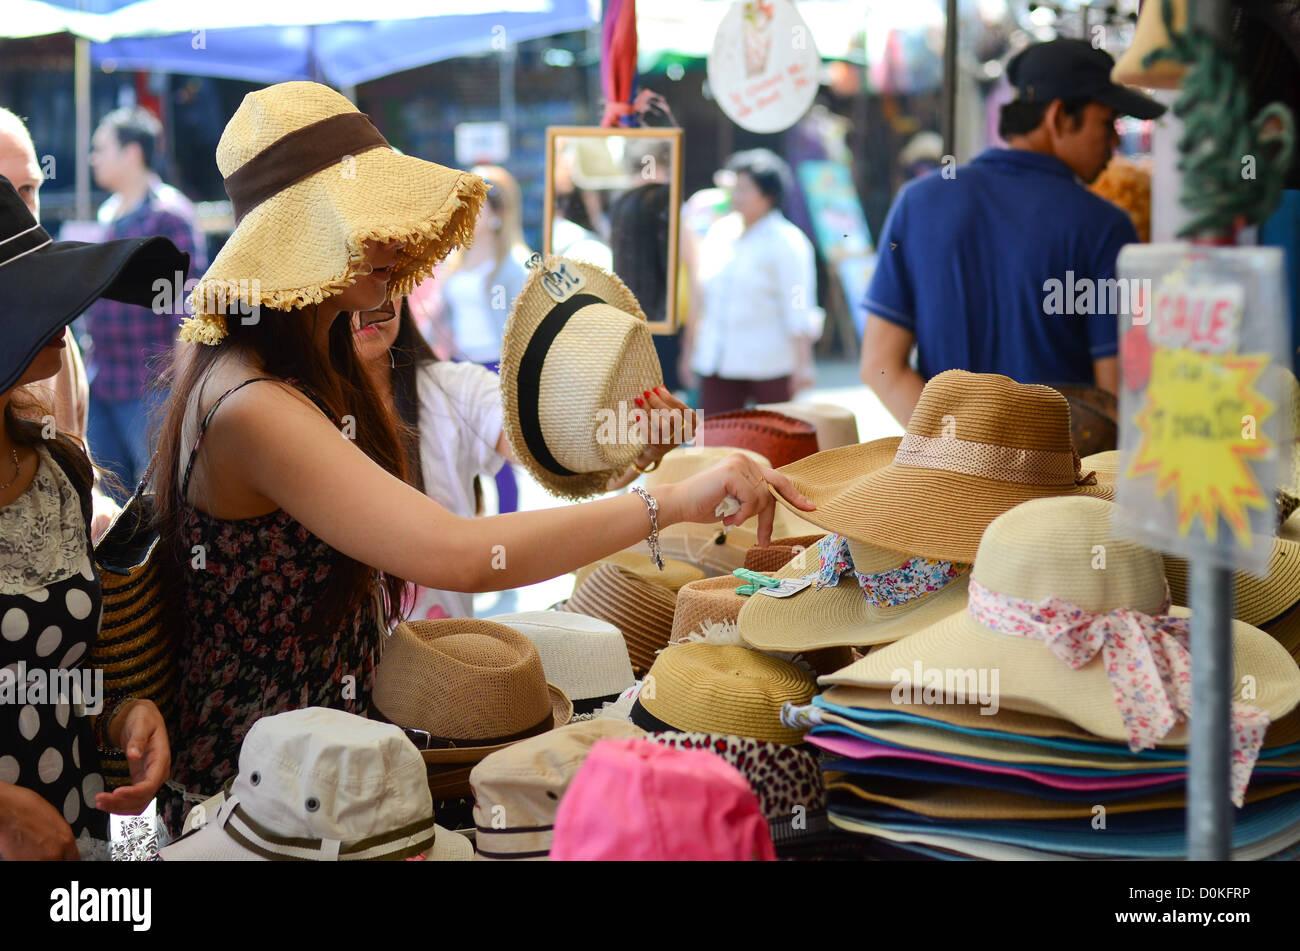 A woman looking at hats at Chatuchak market in Bangkok, Thailand. - Stock Image